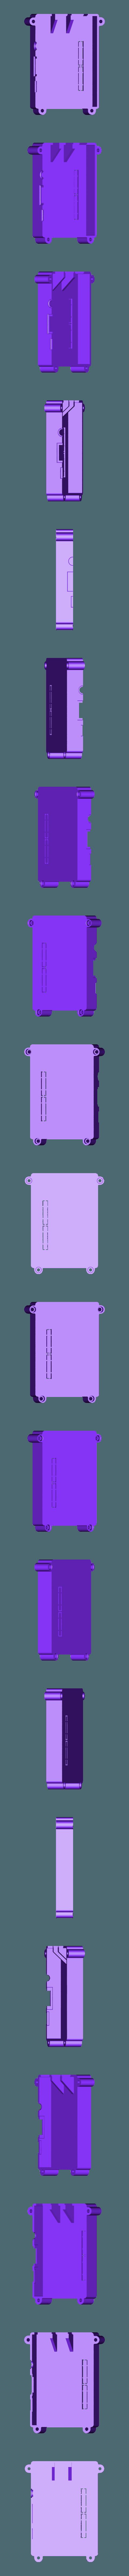 RTS-COVER-BLANK.STL Télécharger fichier STL gratuit Raspberry Pi Étui officiel pour écran tactile Raspberry Pi • Modèle pour imprimante 3D, mkellsy